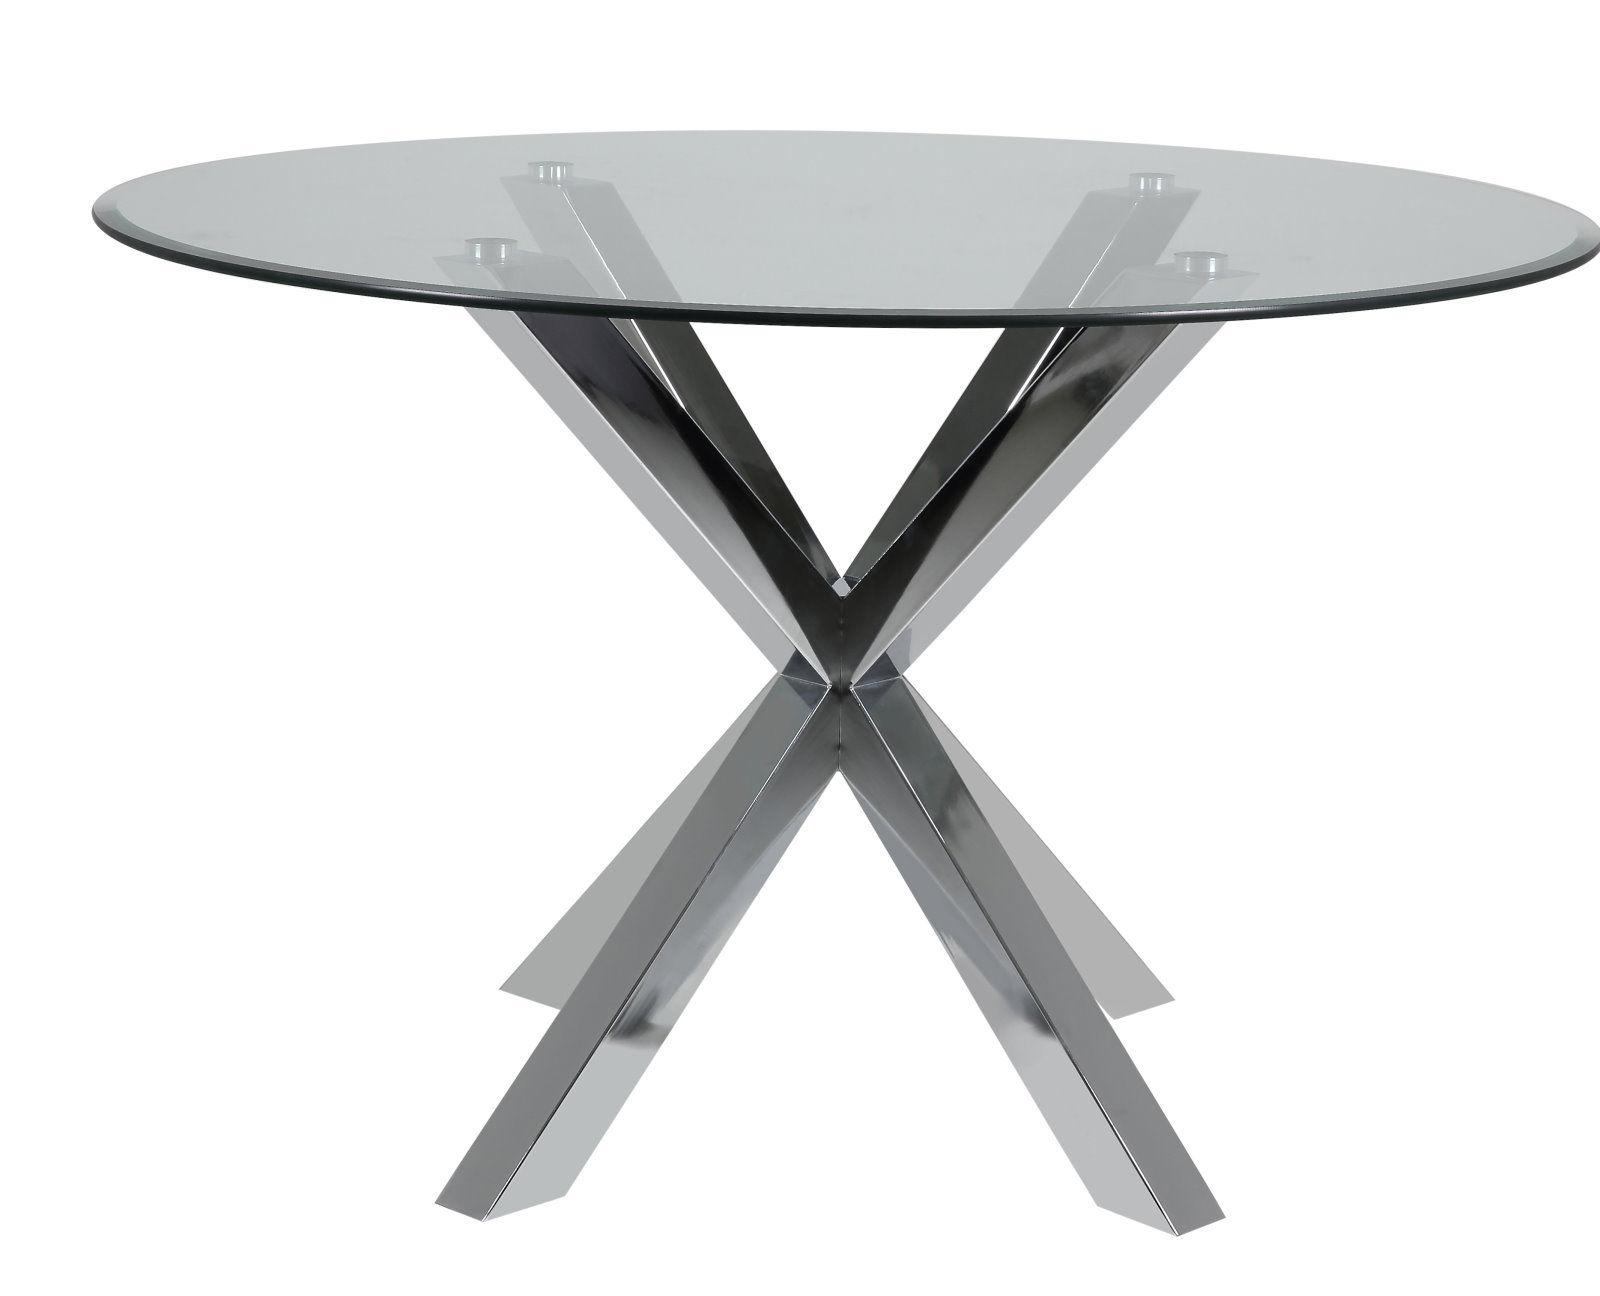 Pkline couchtisch glastisch tisch beistelltisch for Glastisch wohnzimmertisch